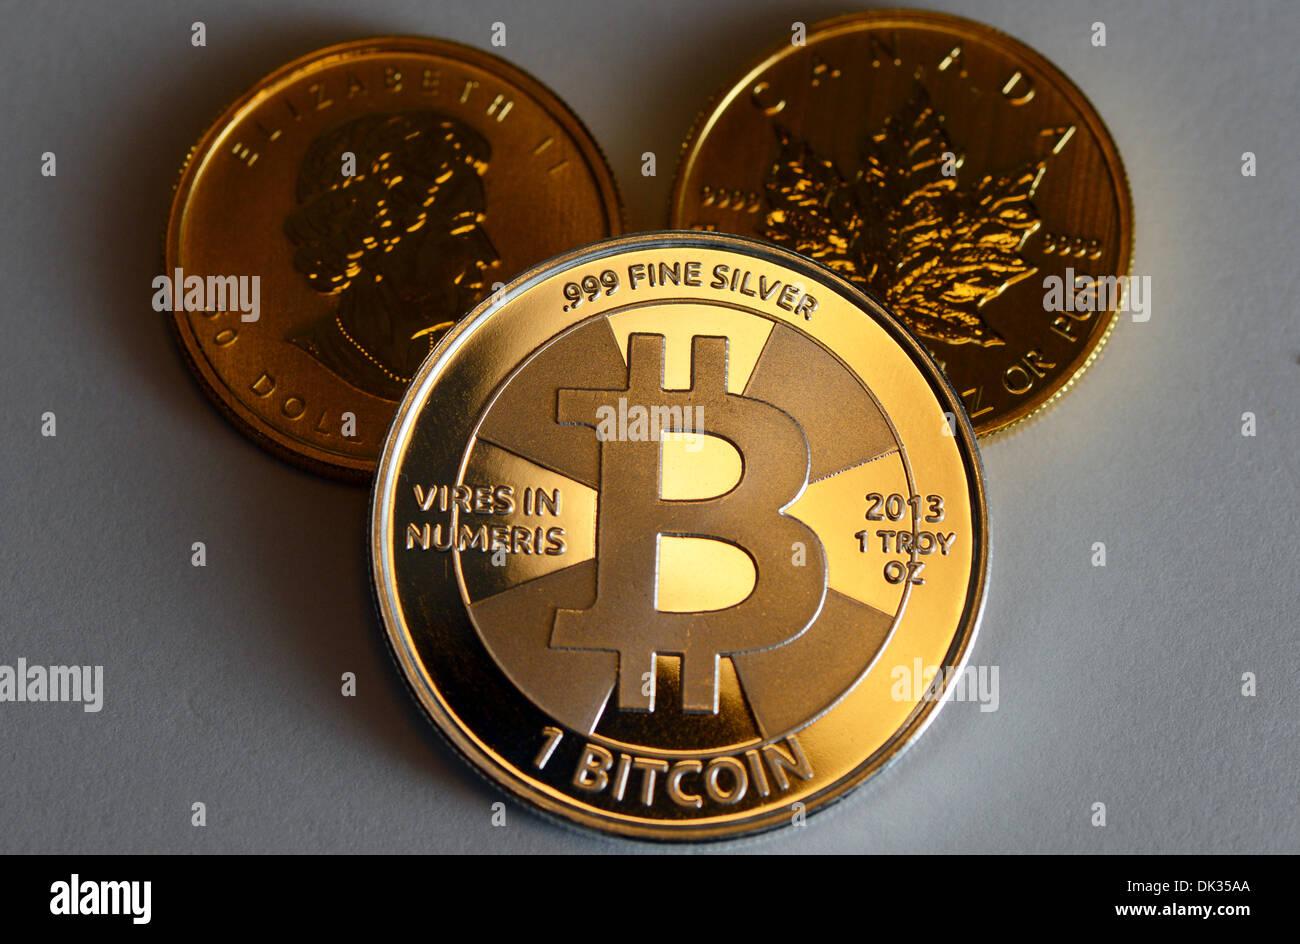 Illustration Einem Bitcoin Und Zwei Goldmünzen Genannt Maple